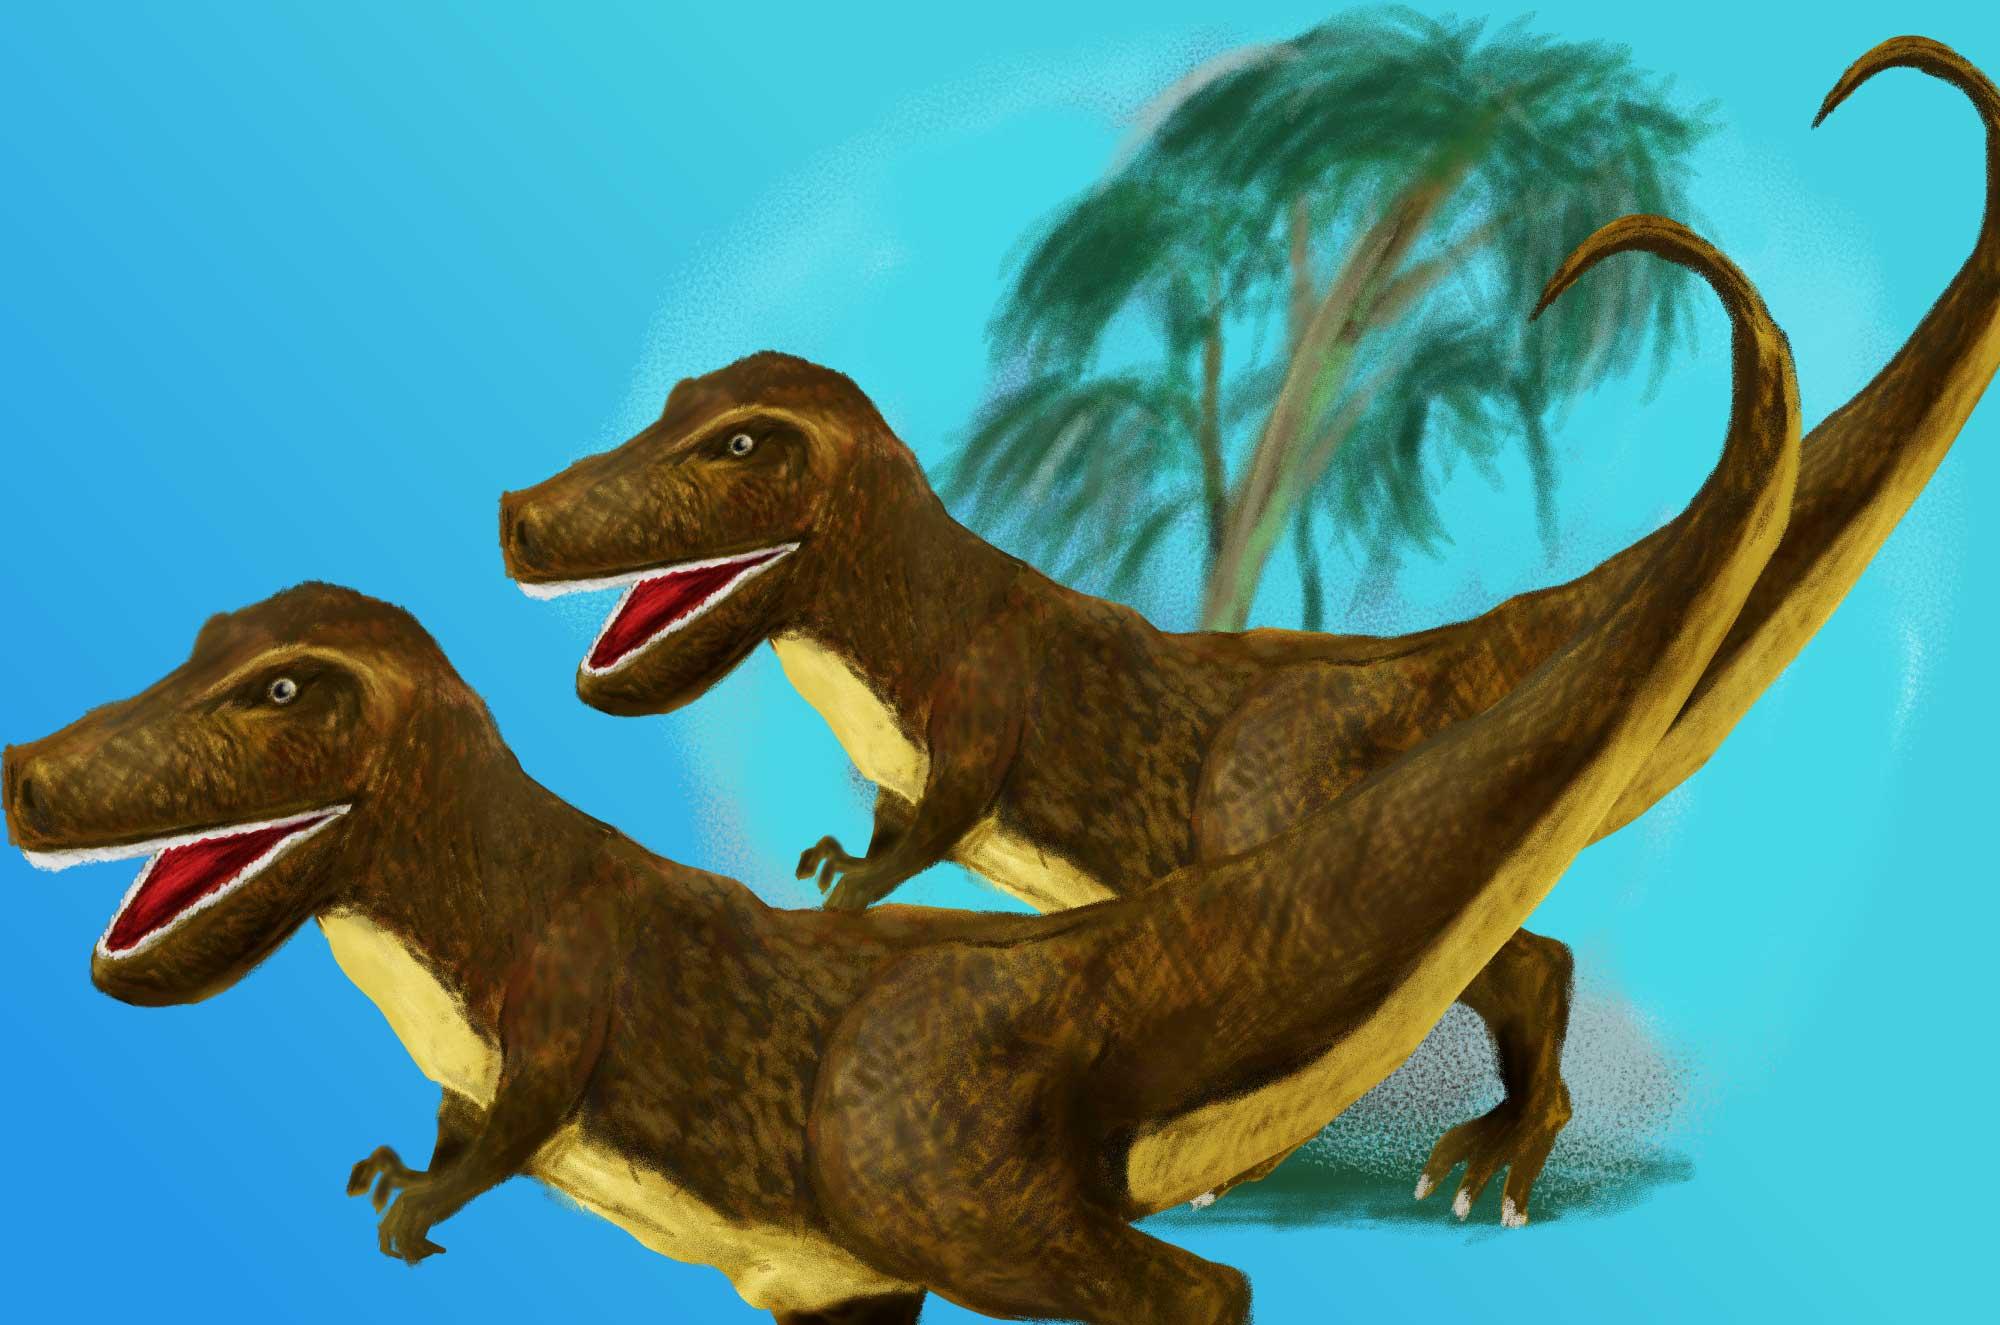 ティラノサウルスのイラスト - かっこいい肉食恐竜